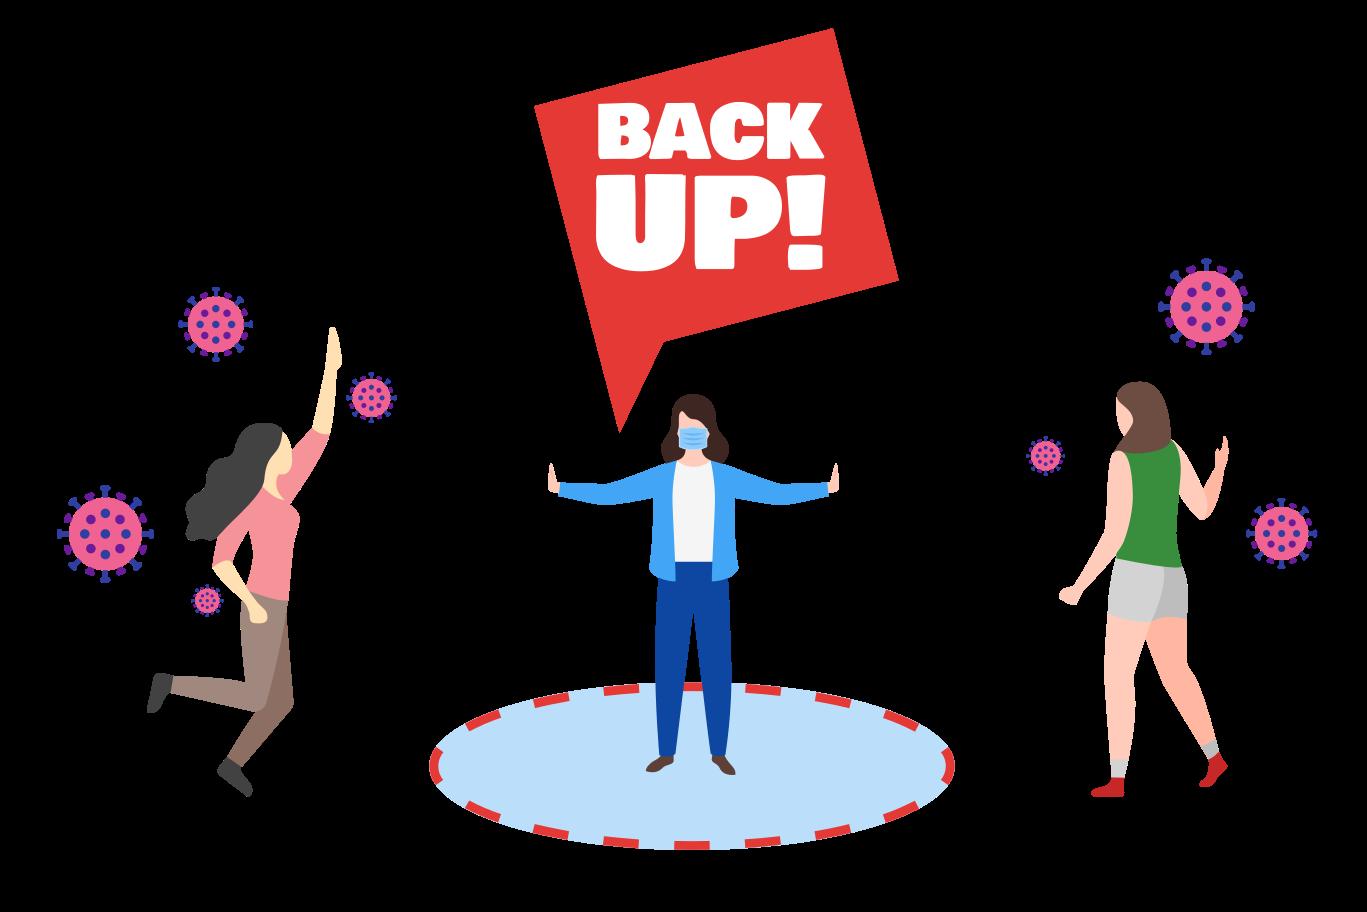 Back Up! Do not get closer Clipart illustration in PNG, SVG